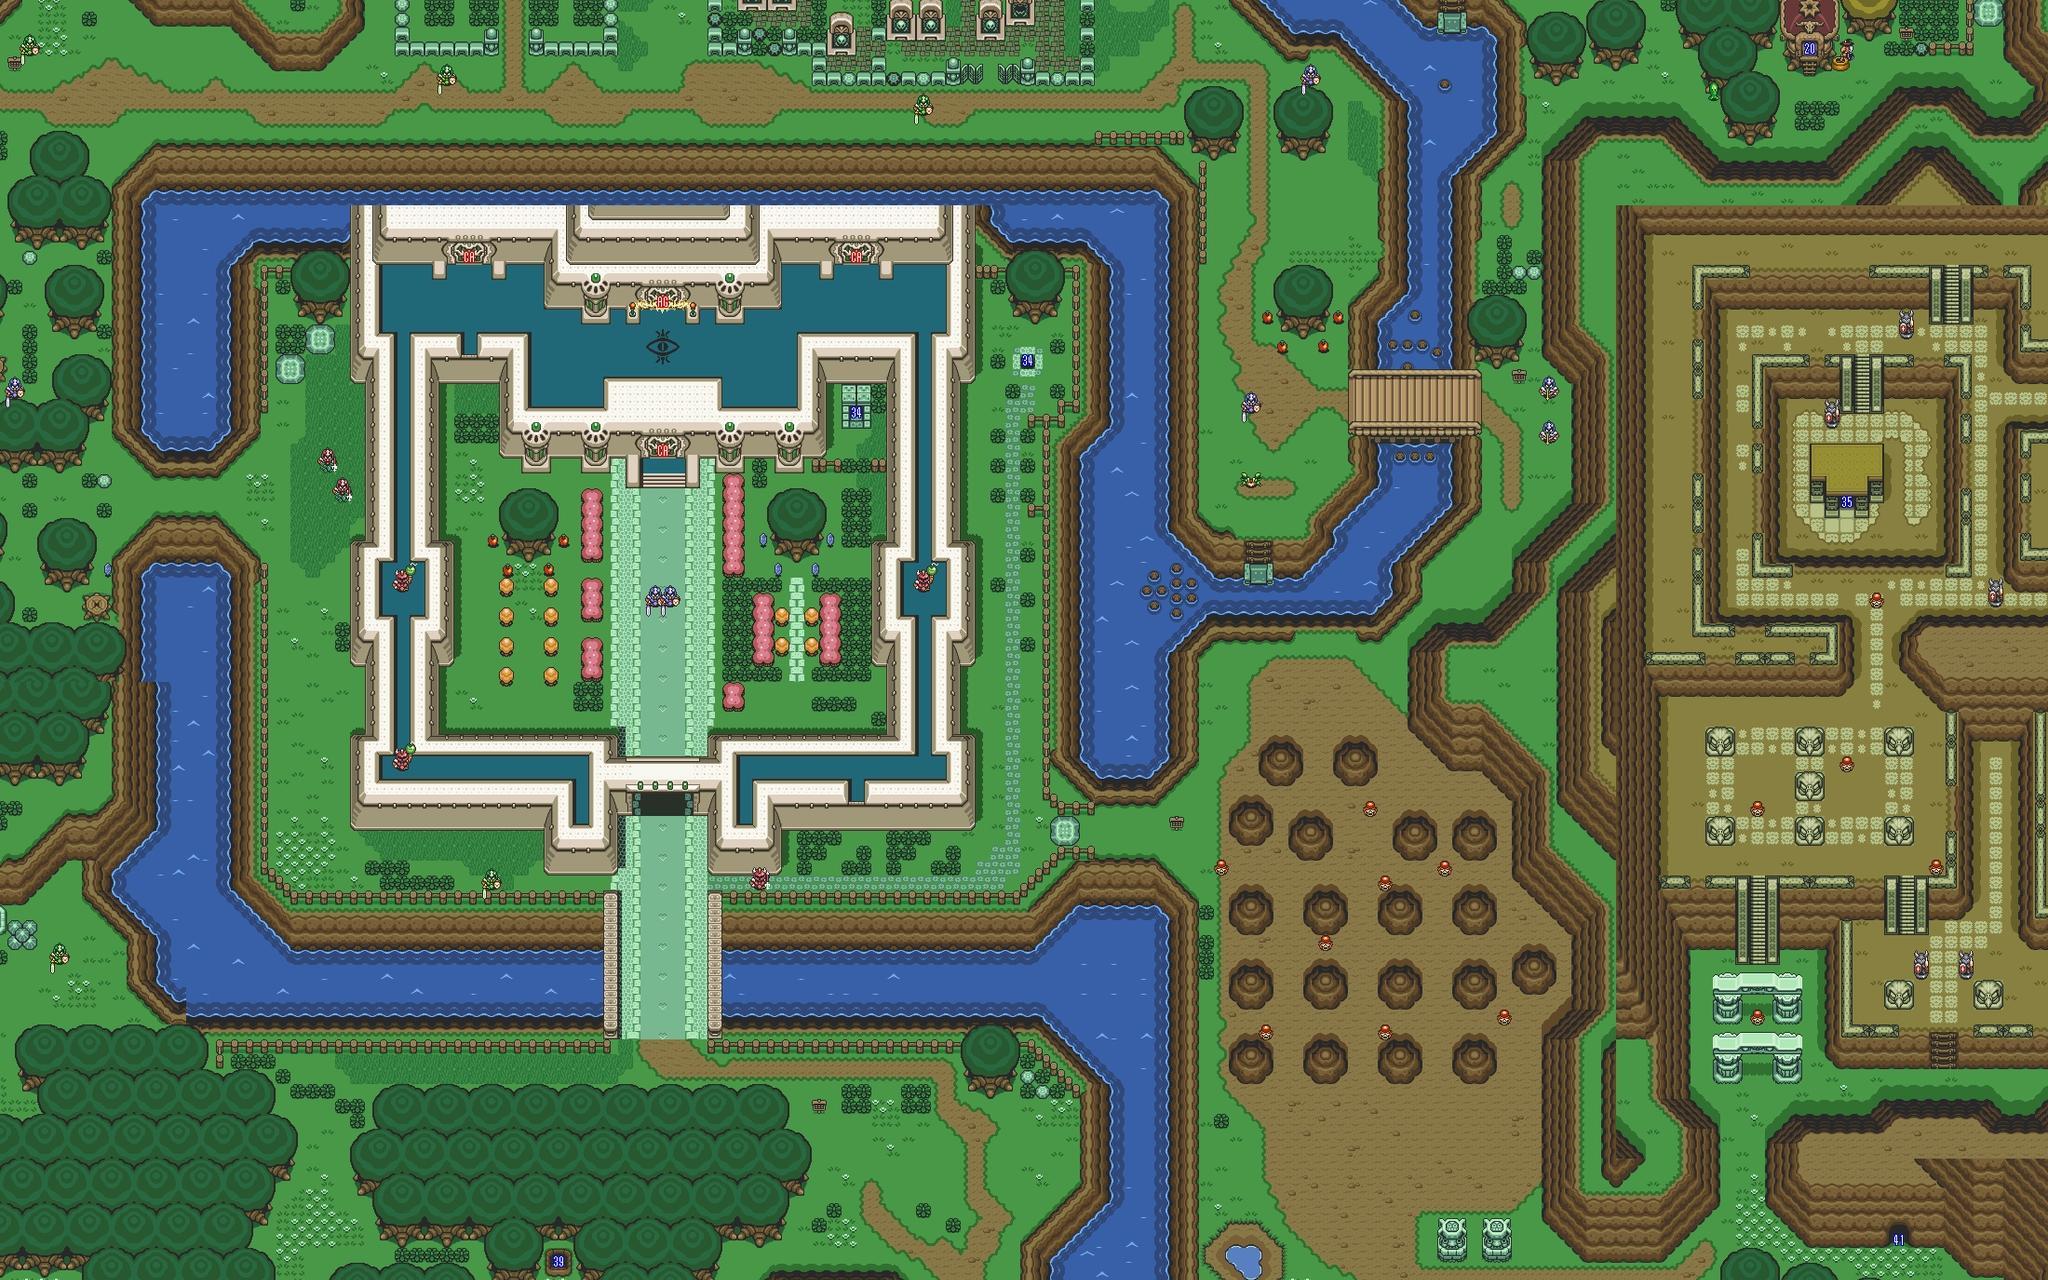 The legend of zelda maps pixelart wallpaper 2048x1280 18328 2048x1280